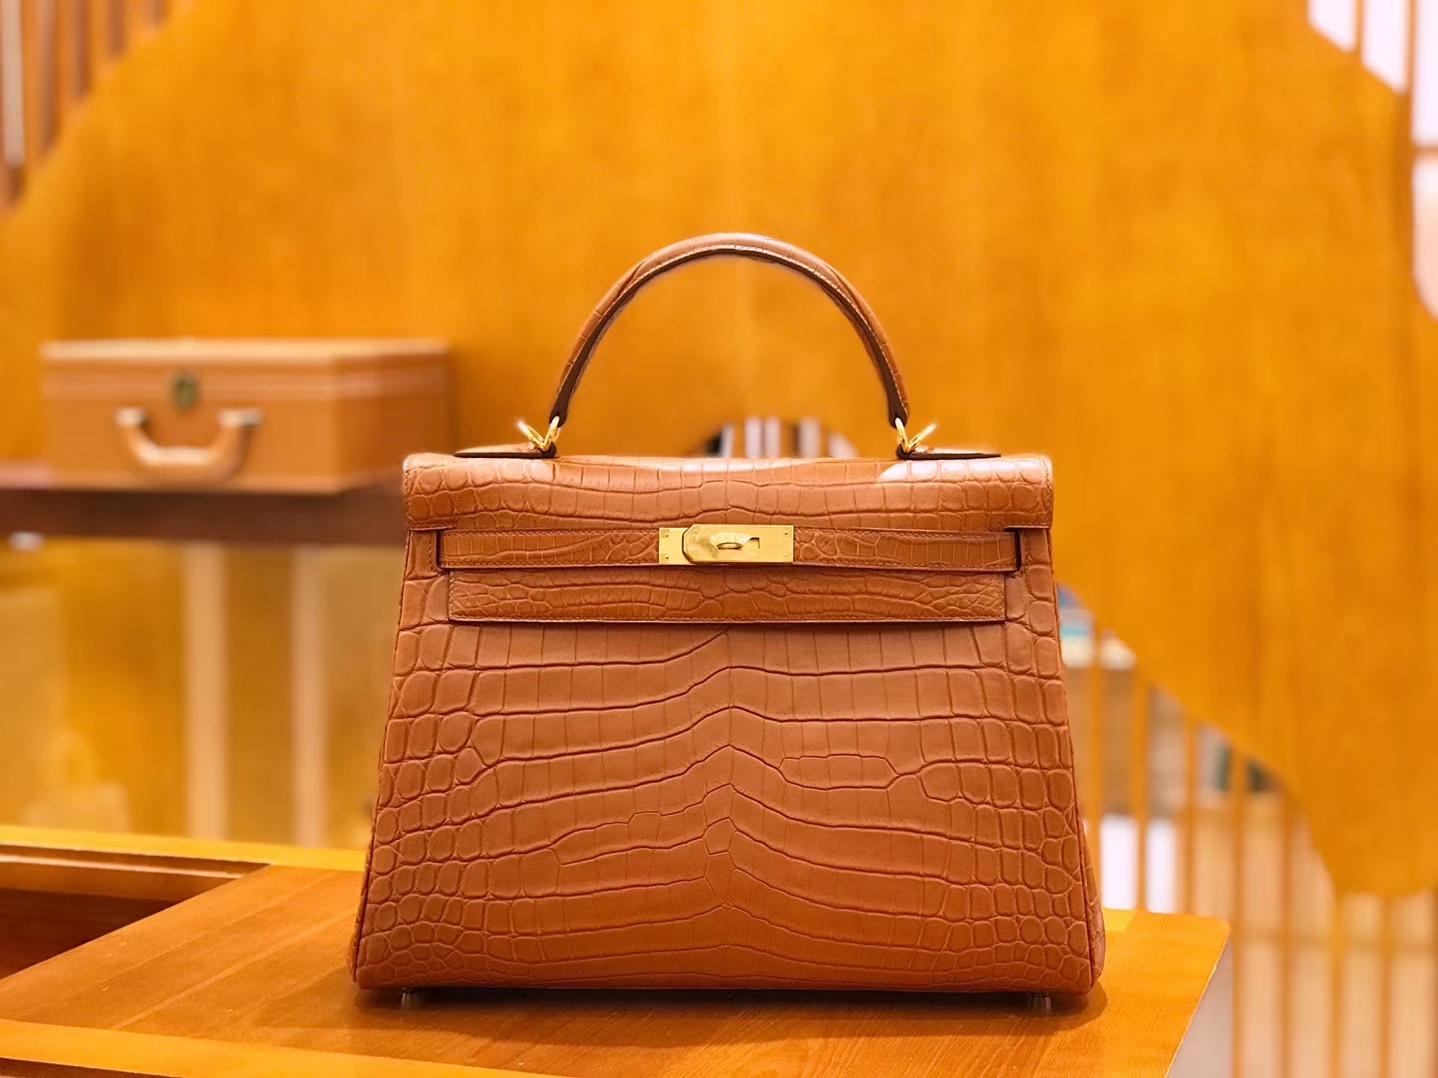 Hermès(爱马仕)Kelly 凯莉包 尼罗鳄鱼皮 蜜糖棕 32cm